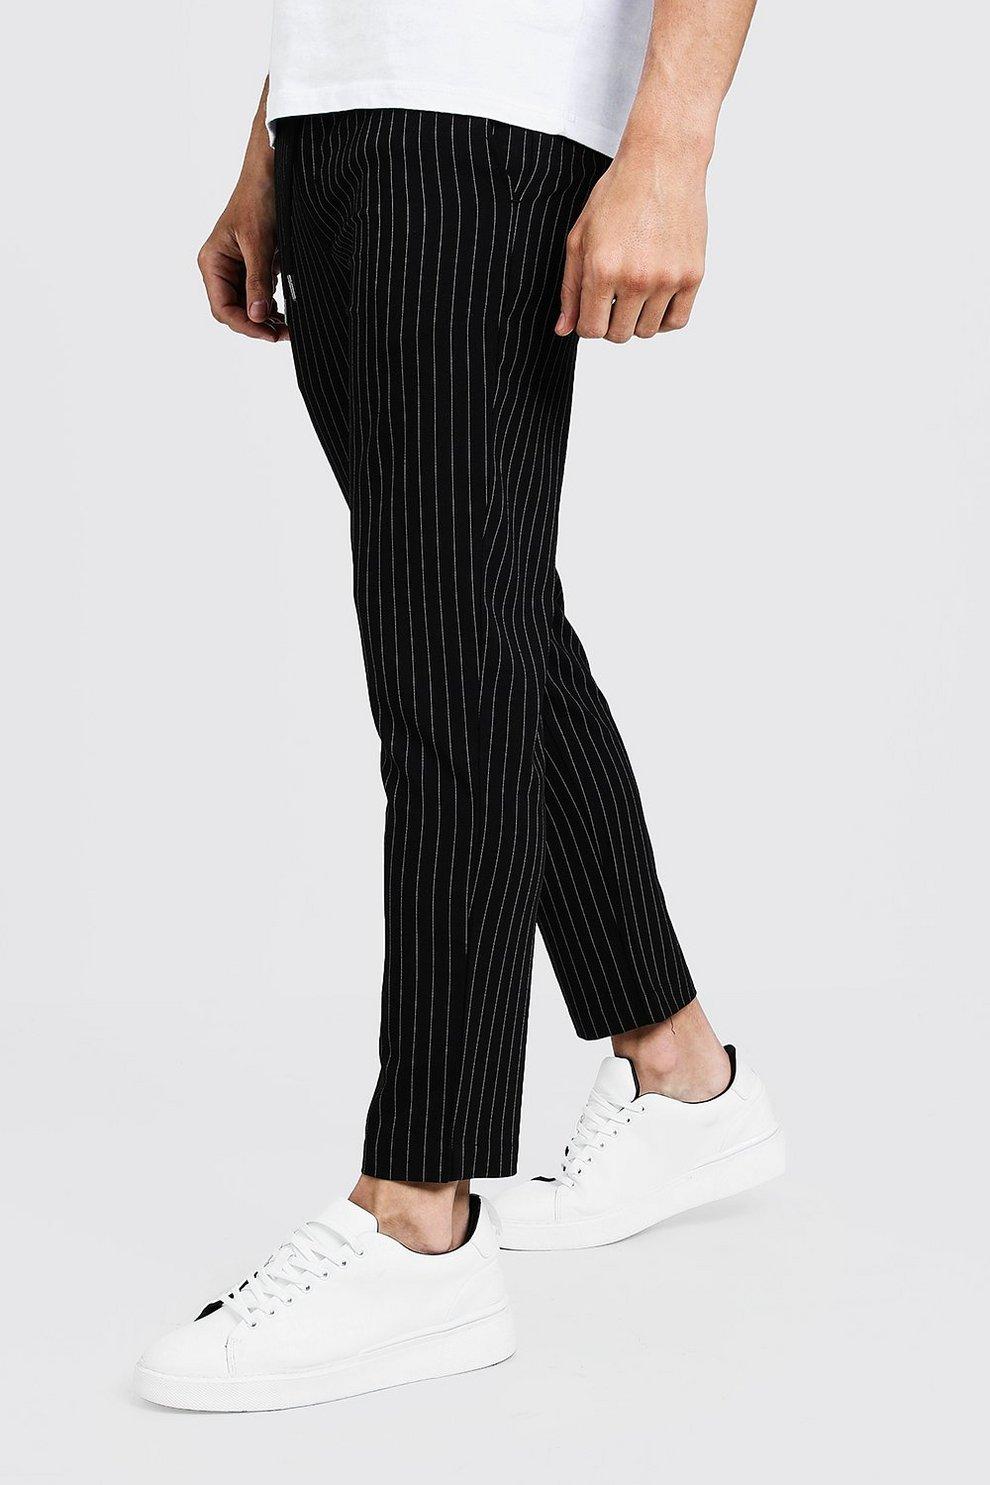 bellissimo aspetto marchio famoso sito autorizzato Pantaloni da tuta alla moda a righine sottili